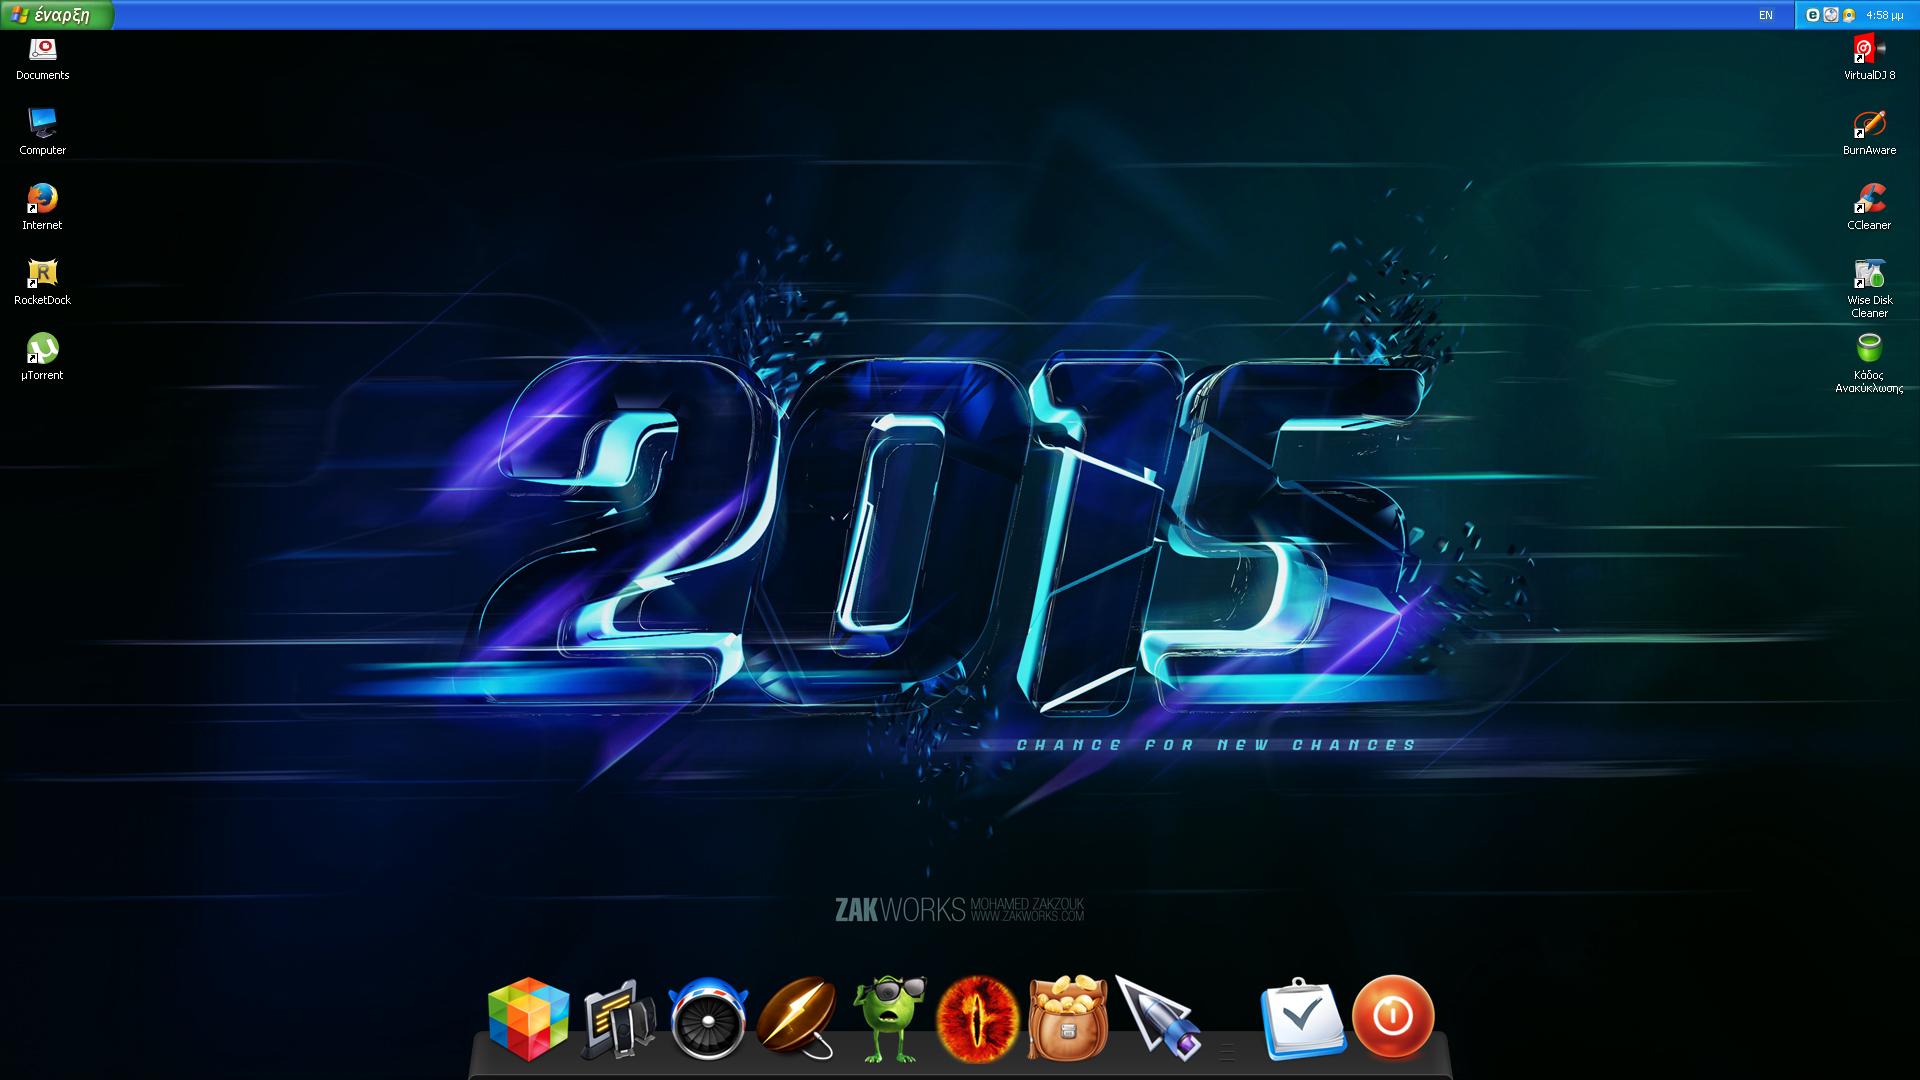 Desktop February 2015 by DjLuigi